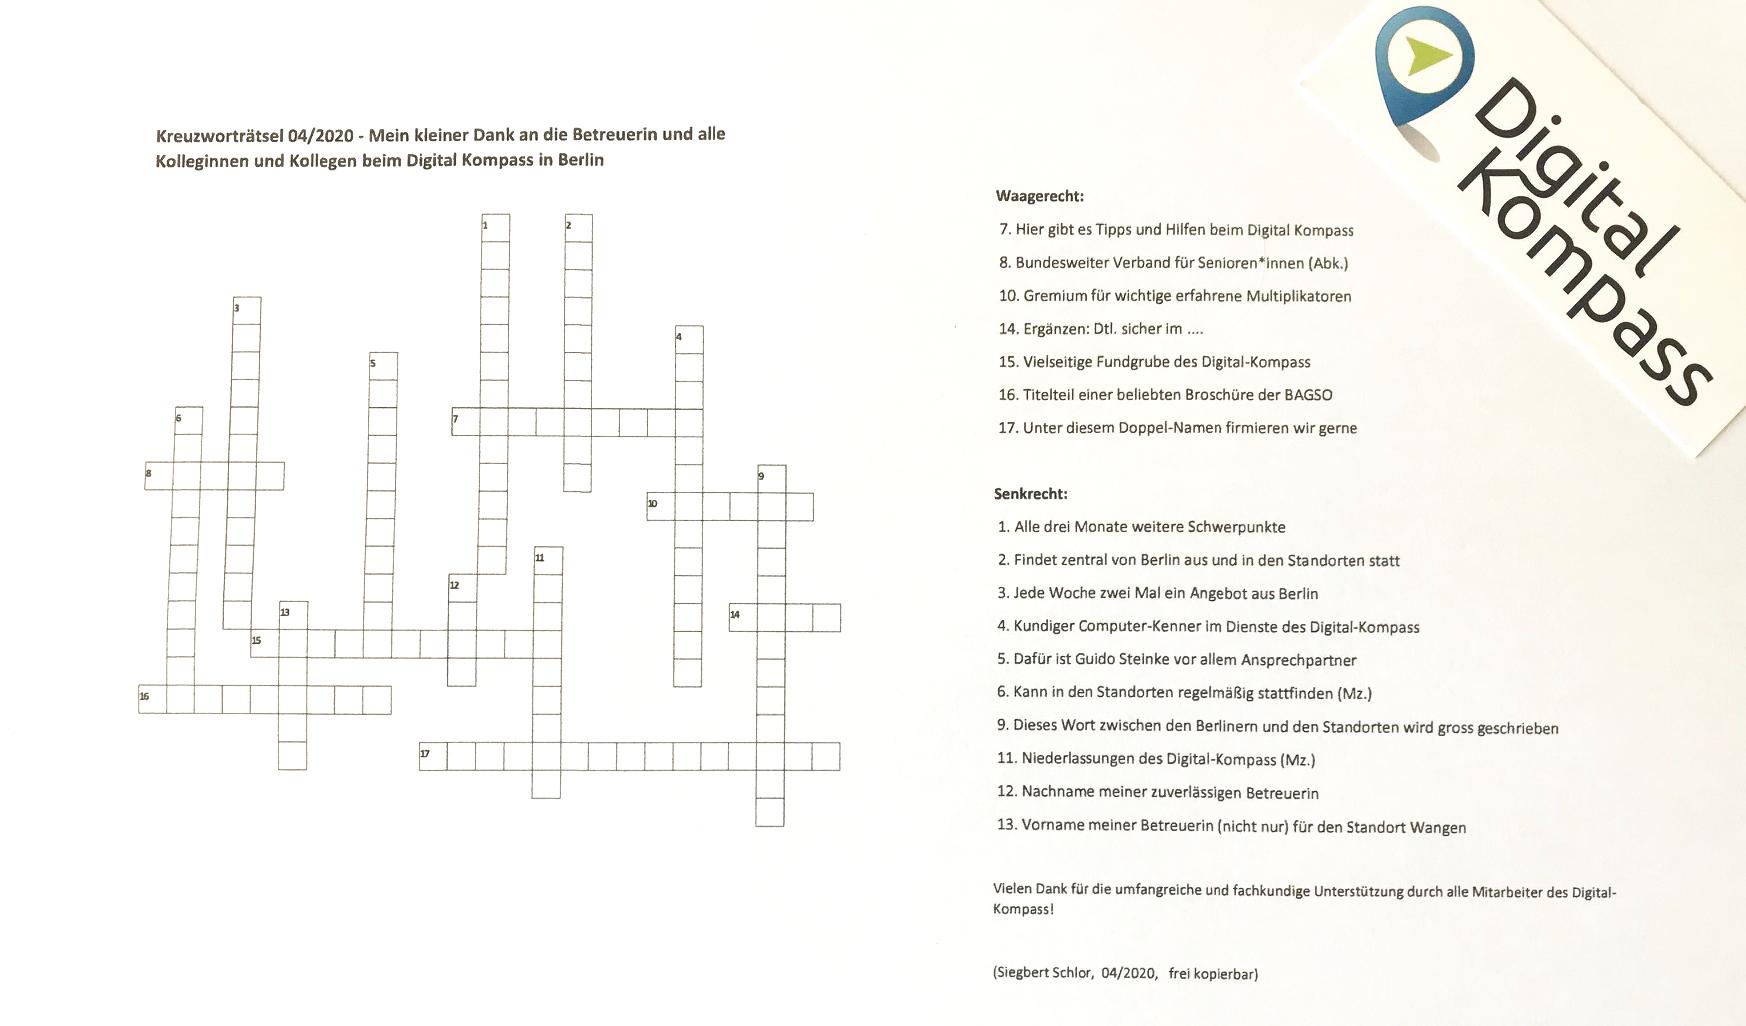 Digital-Kompass Kreuzworträtsel Headerbild